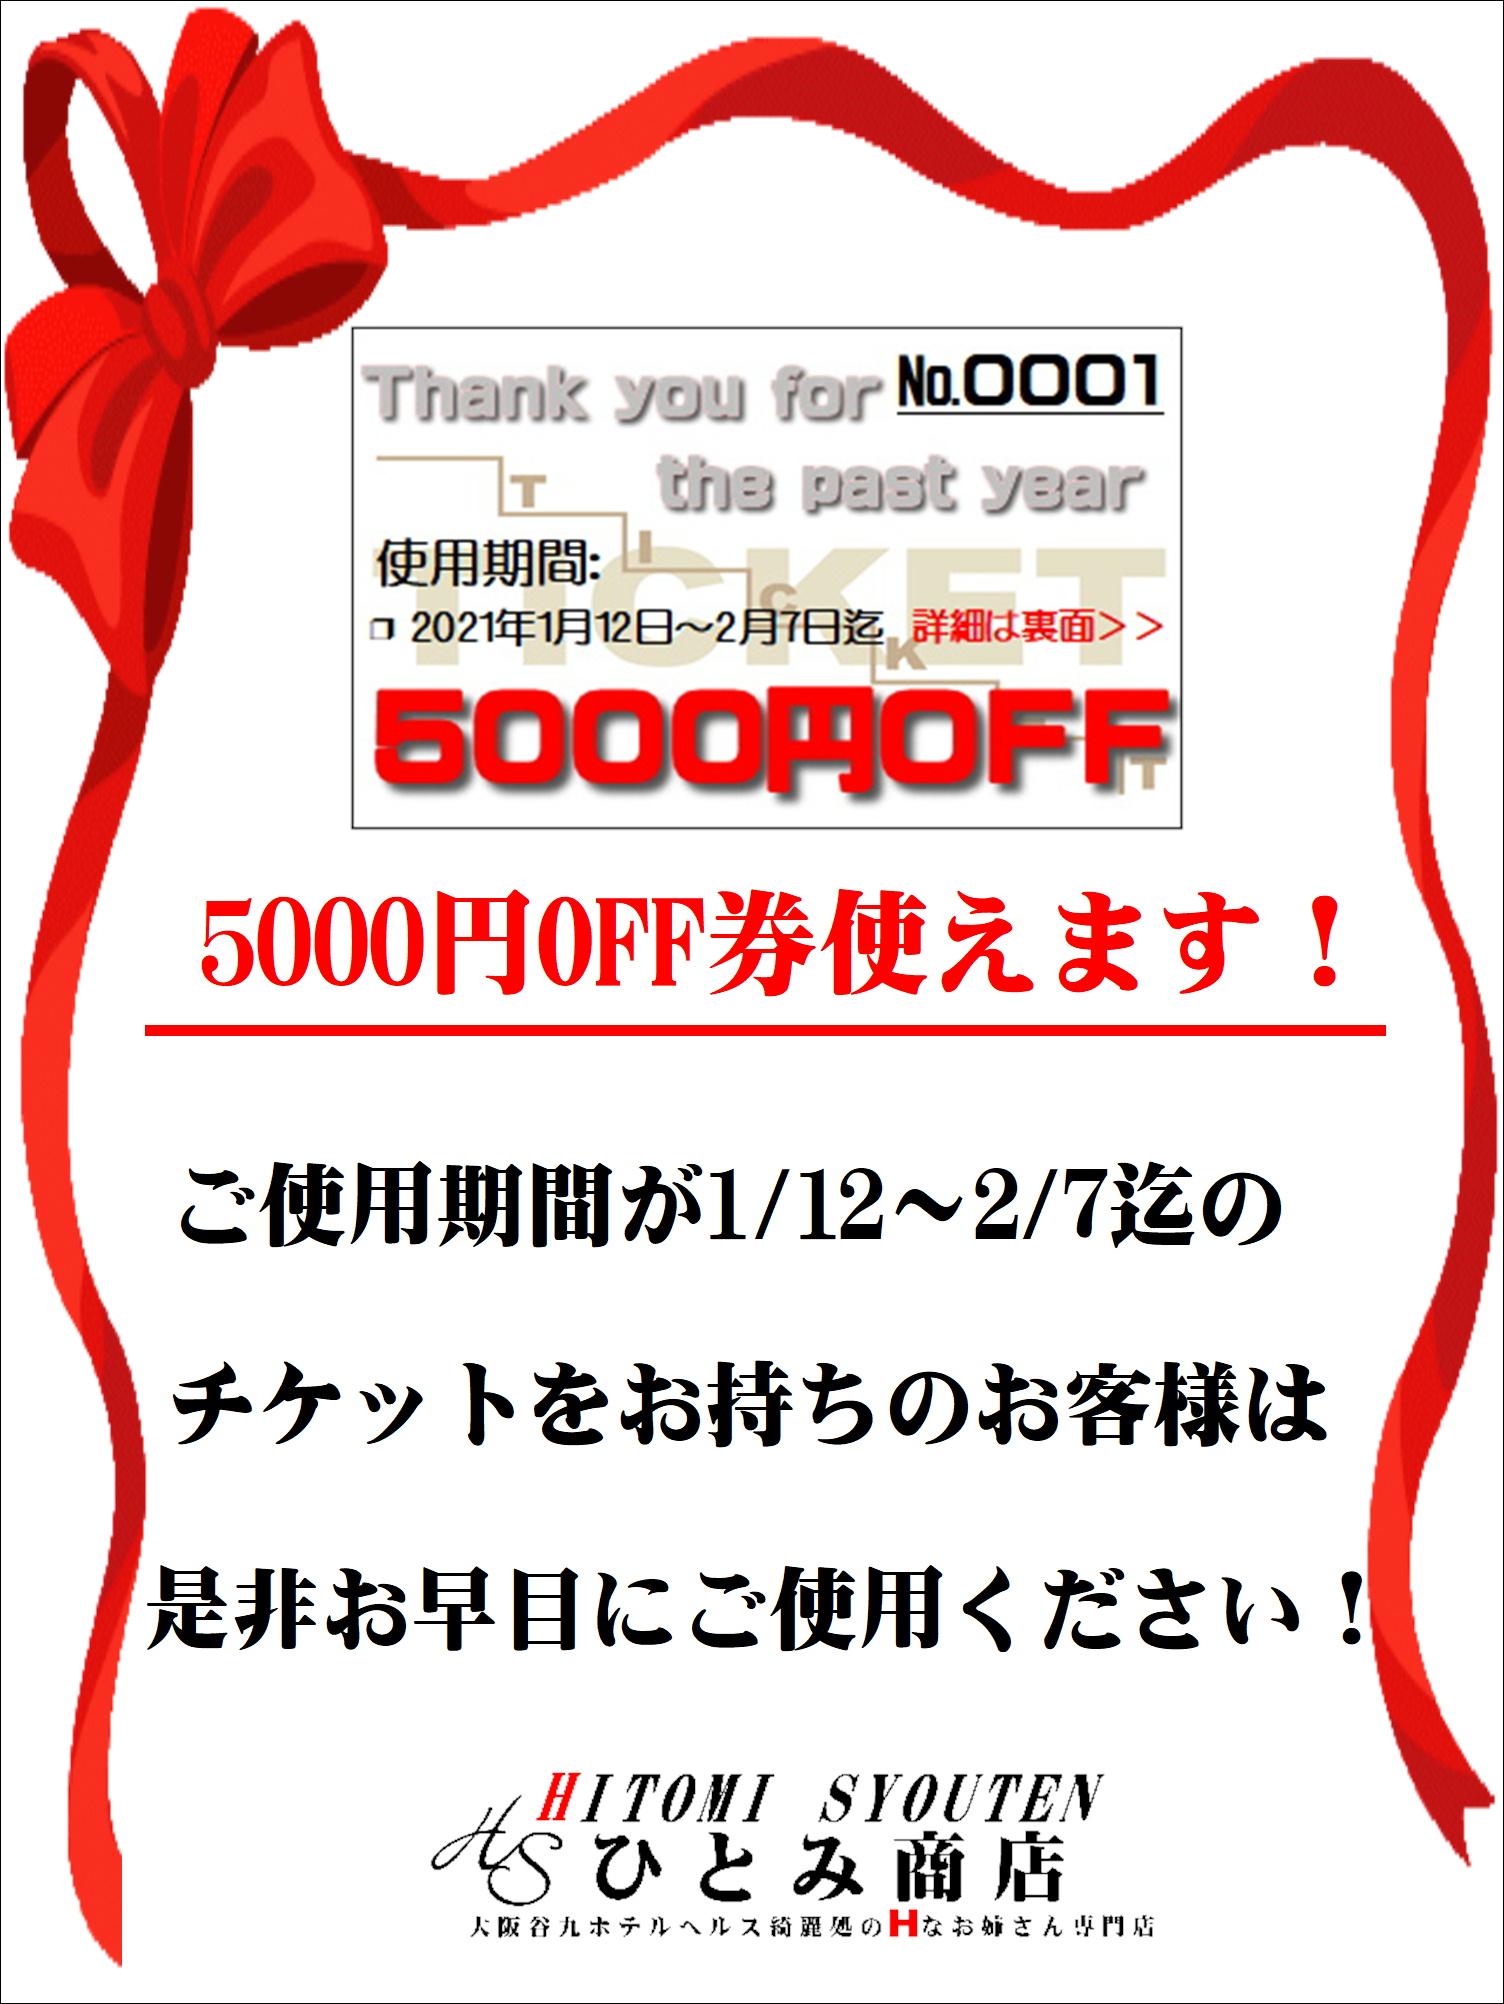 一年間の感謝の意を込めましてお配り致しました5000円OFFチケットがご使頂けます!お持ちの方は是非お早めにご使用下さい!